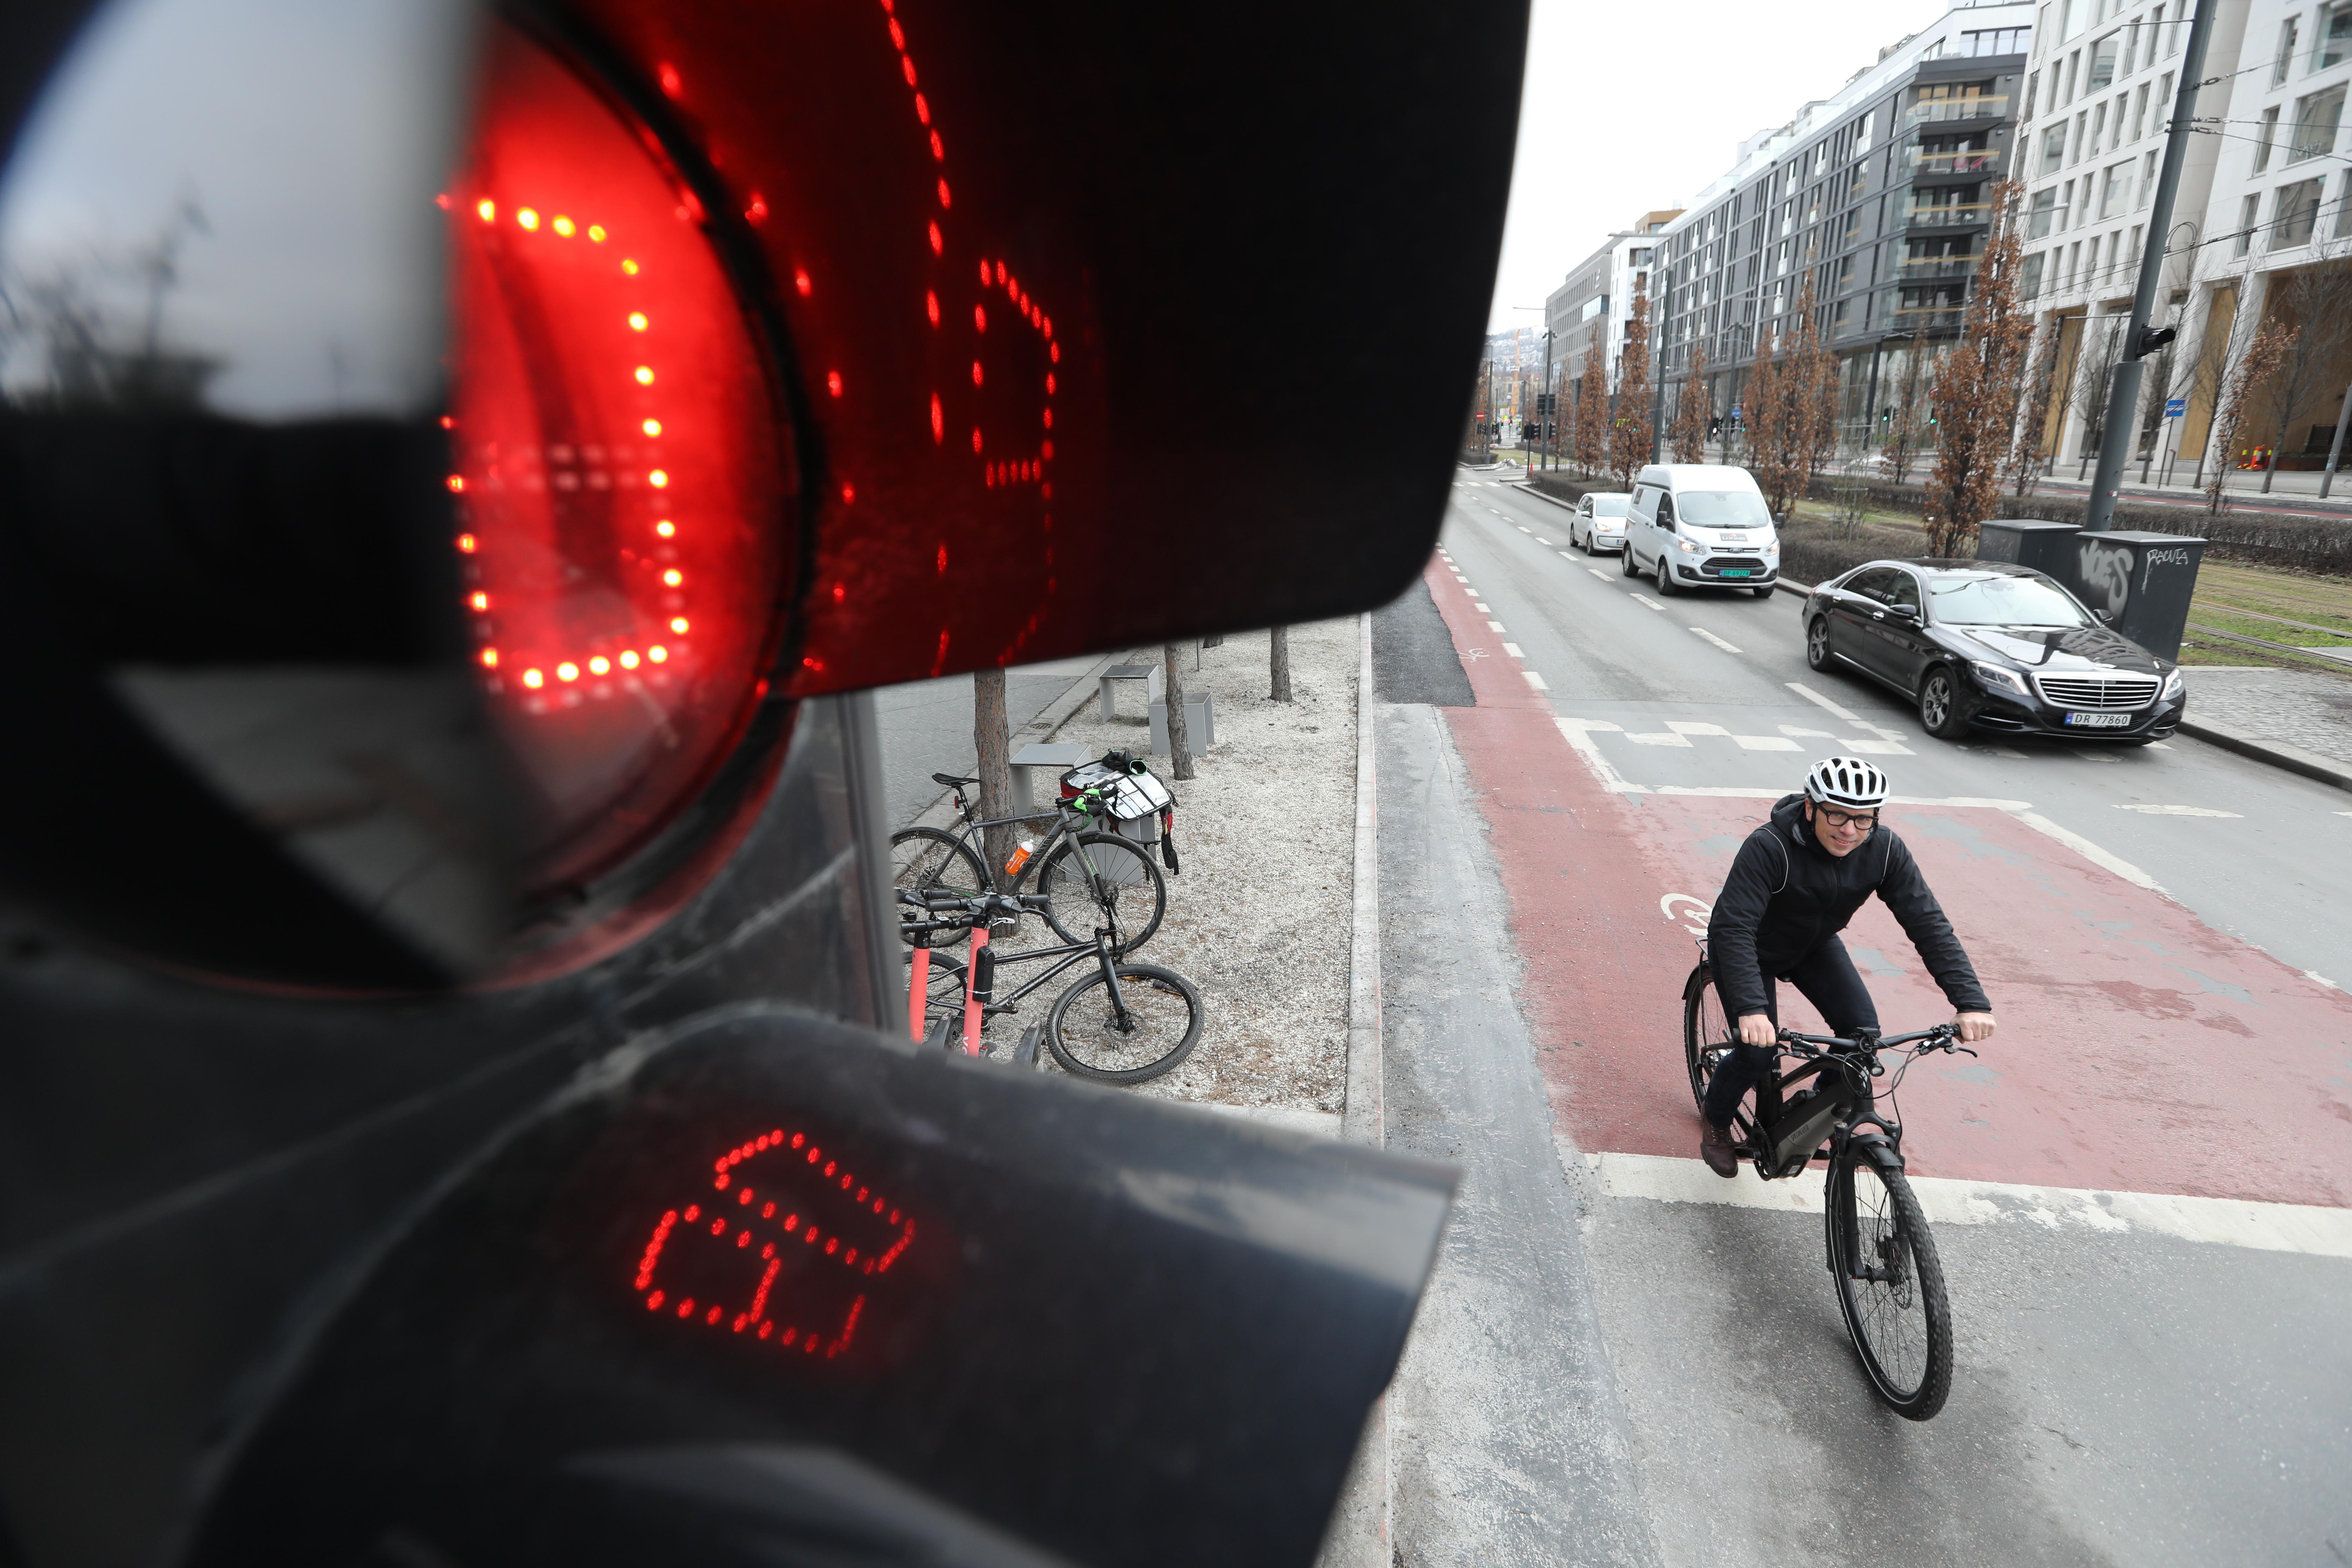 099A1610-trafikklys-close-Remi-starter-ut-av-krysset (1)-1